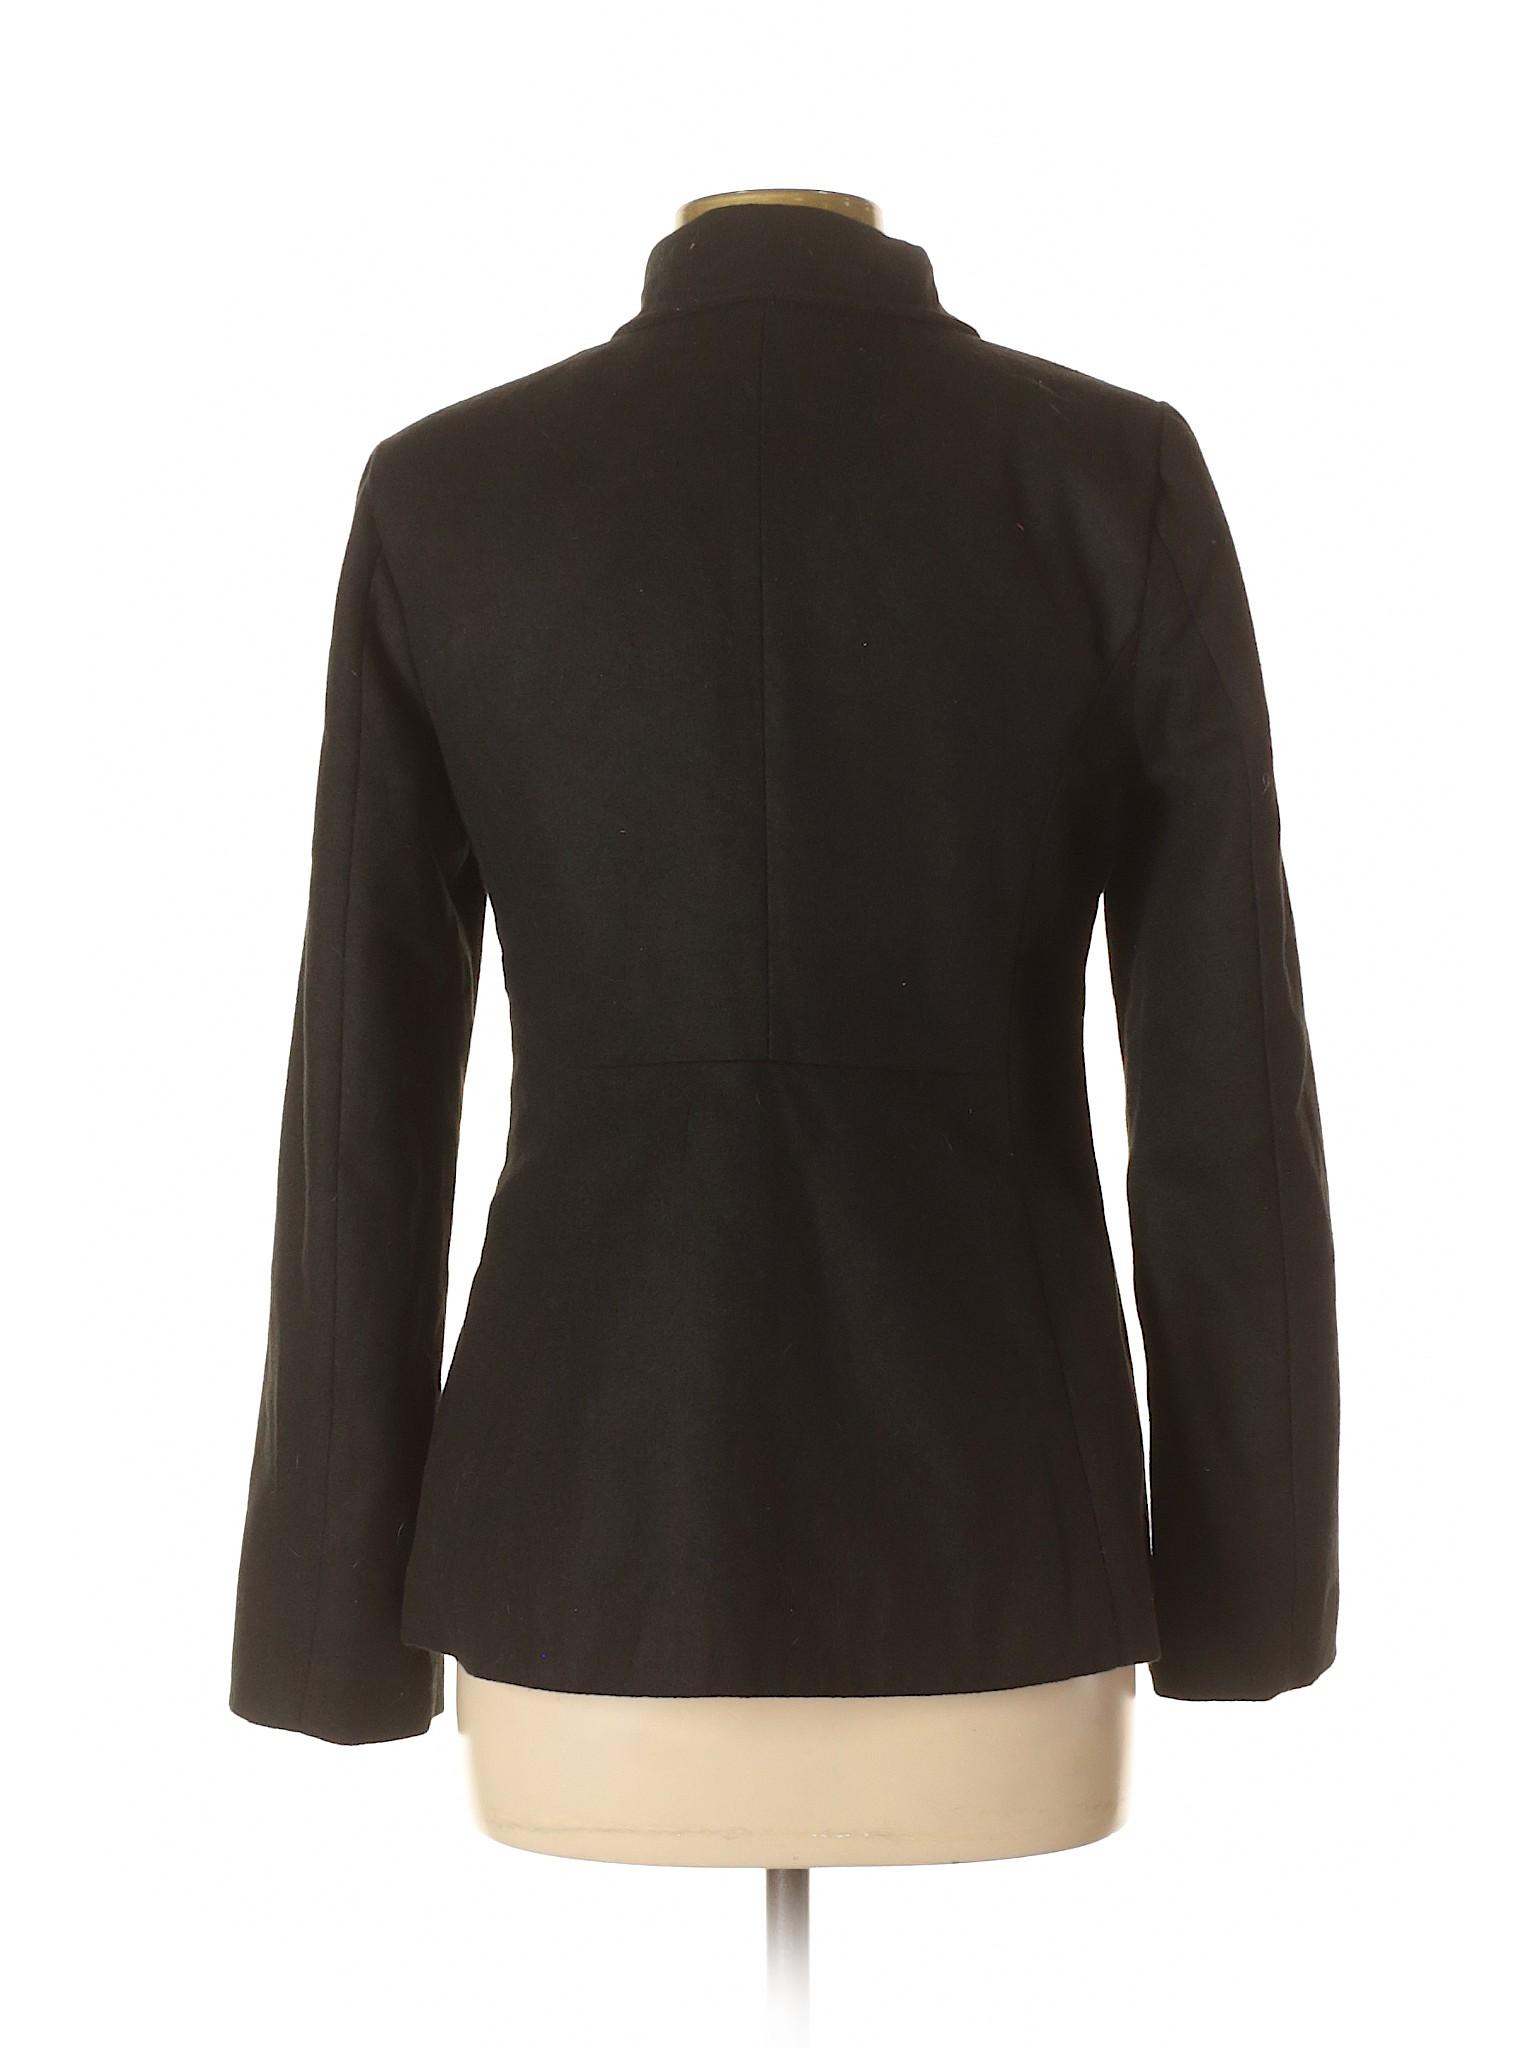 Boutique winter Boutique Boutique Coat winter winter Look New Coat New New Look q17qnrH